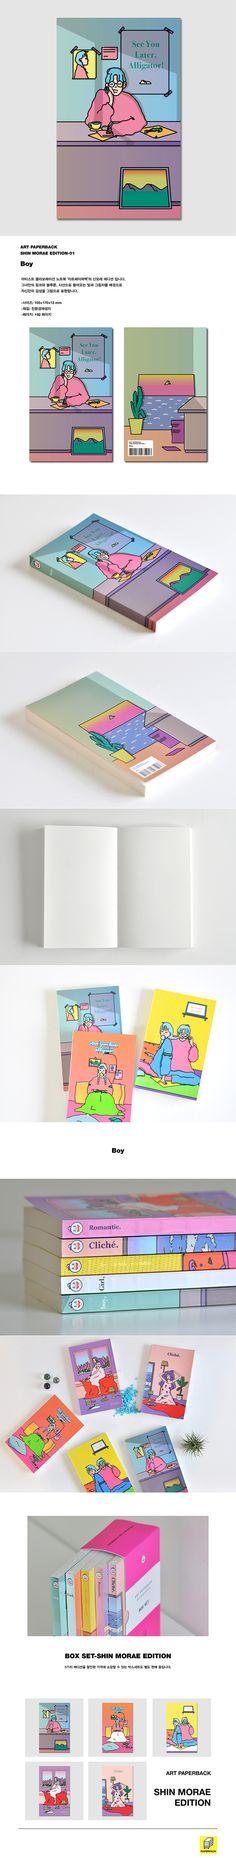 SHINMORAE Edition 01-Boy6,000원-페이퍼팩, , , 바보사랑SHINMORAE Edition 01-Boy6,000원-페이퍼팩, , , 바보사랑